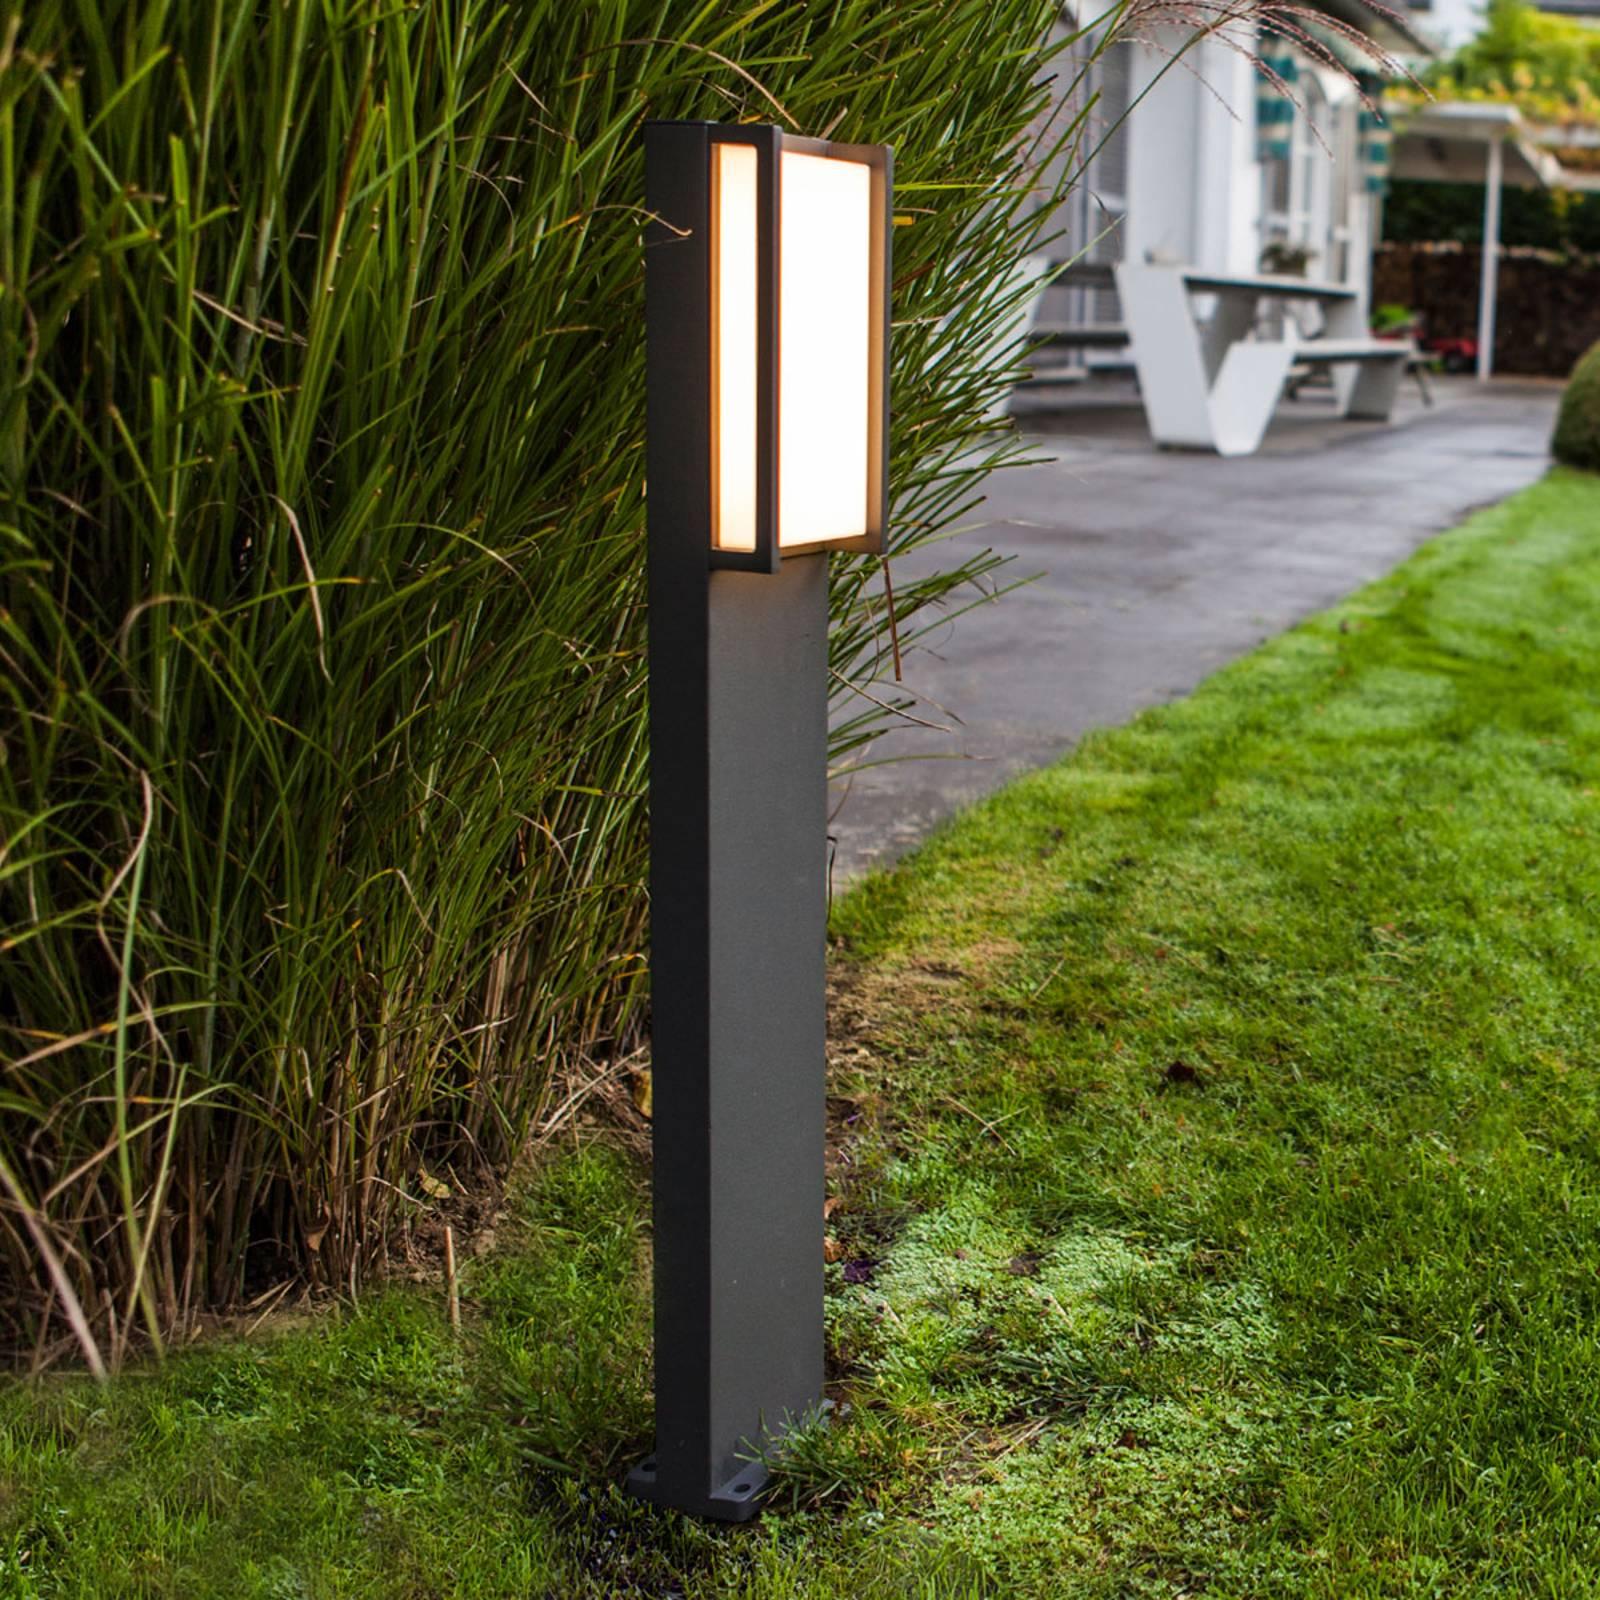 Qubo, słupek ogrodowy LED w prostoliniowej formie